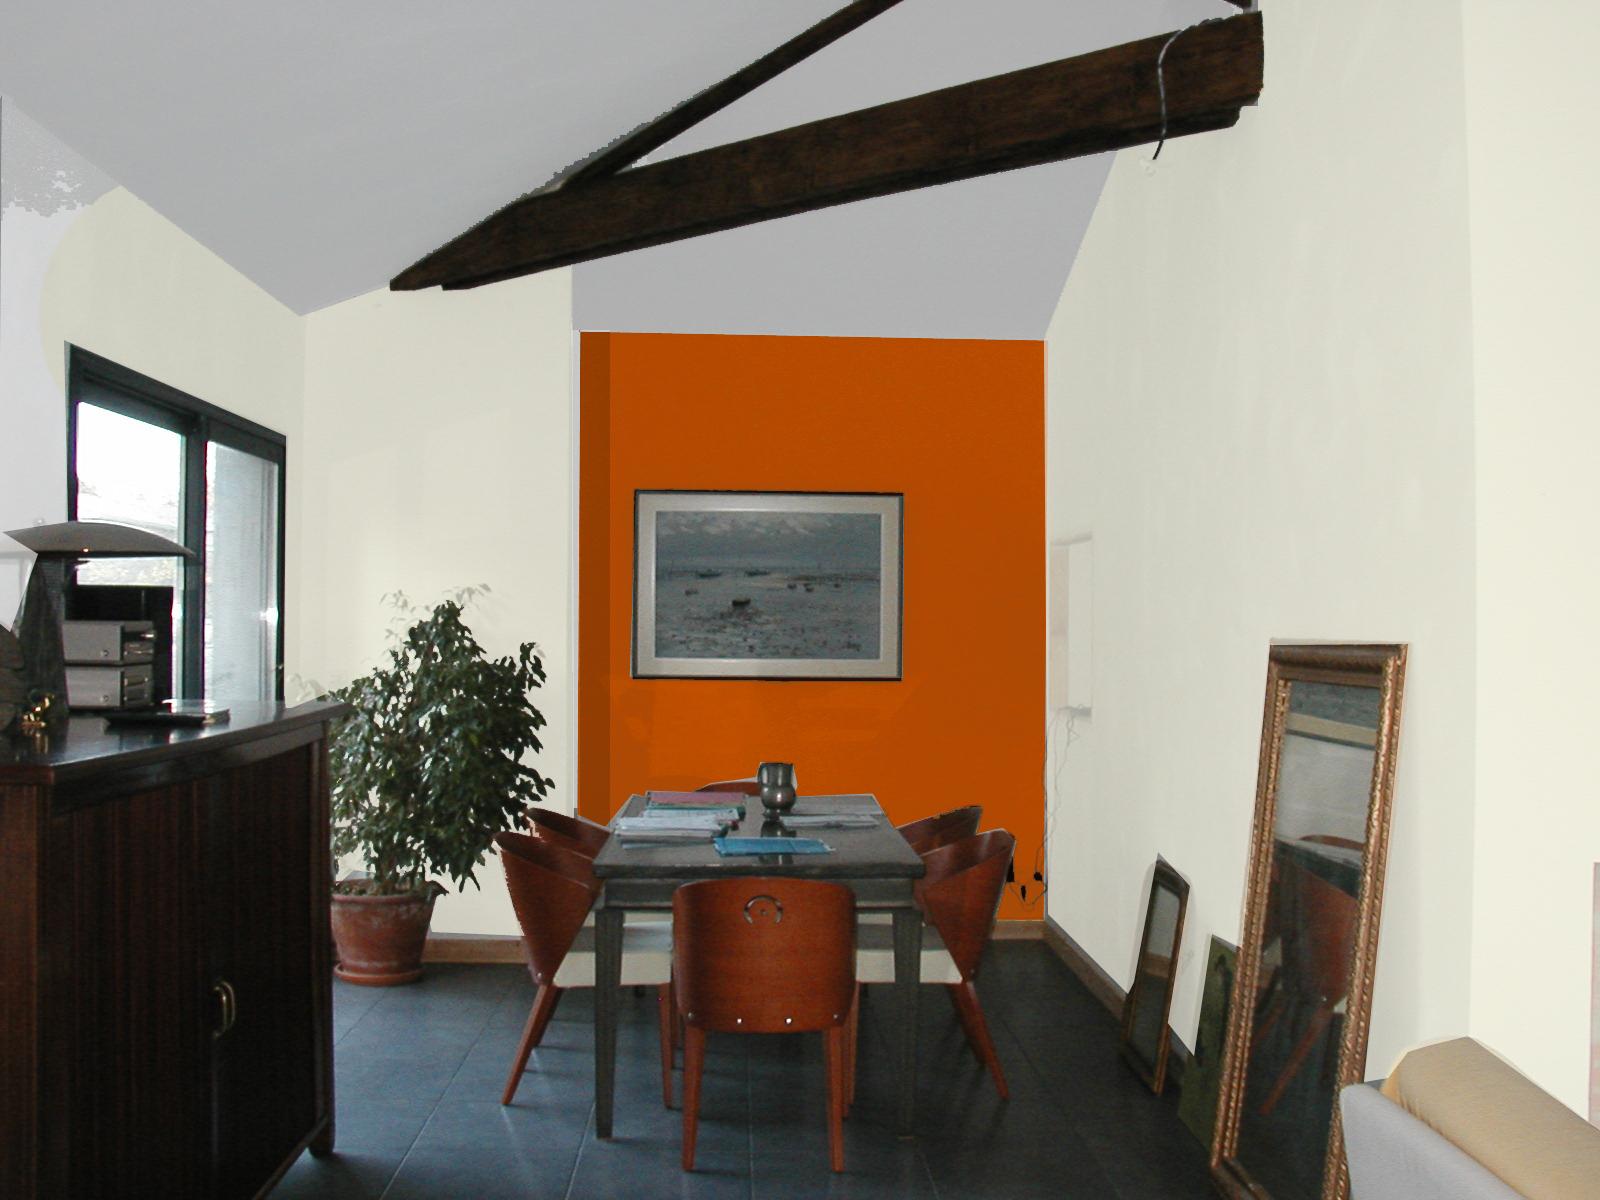 Maison privée-Coloration intérieure